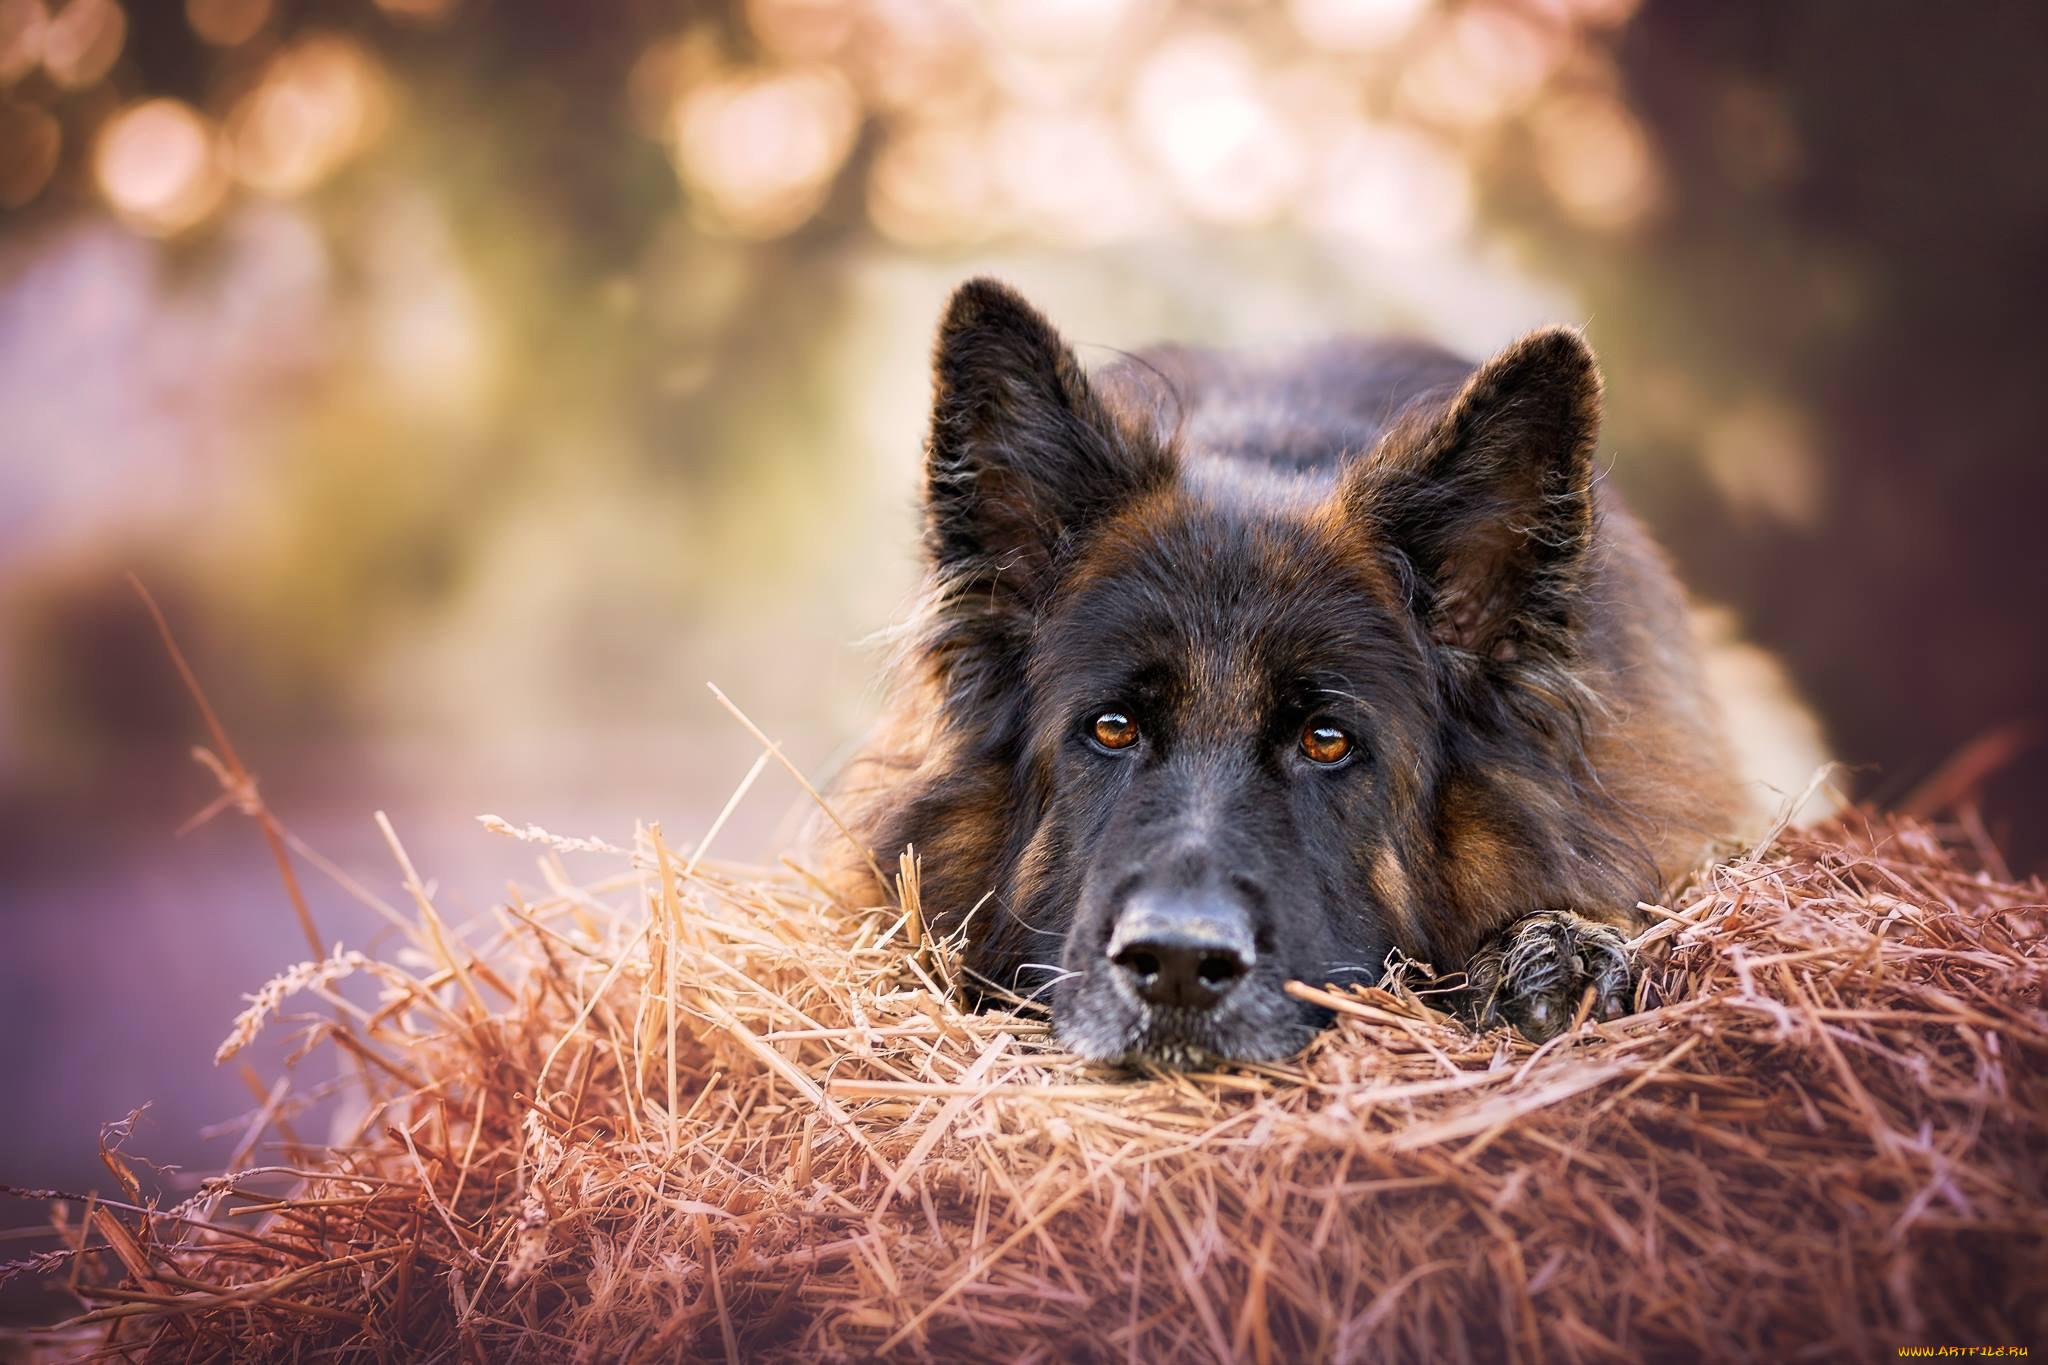 картинки животных овчарок реквизиты